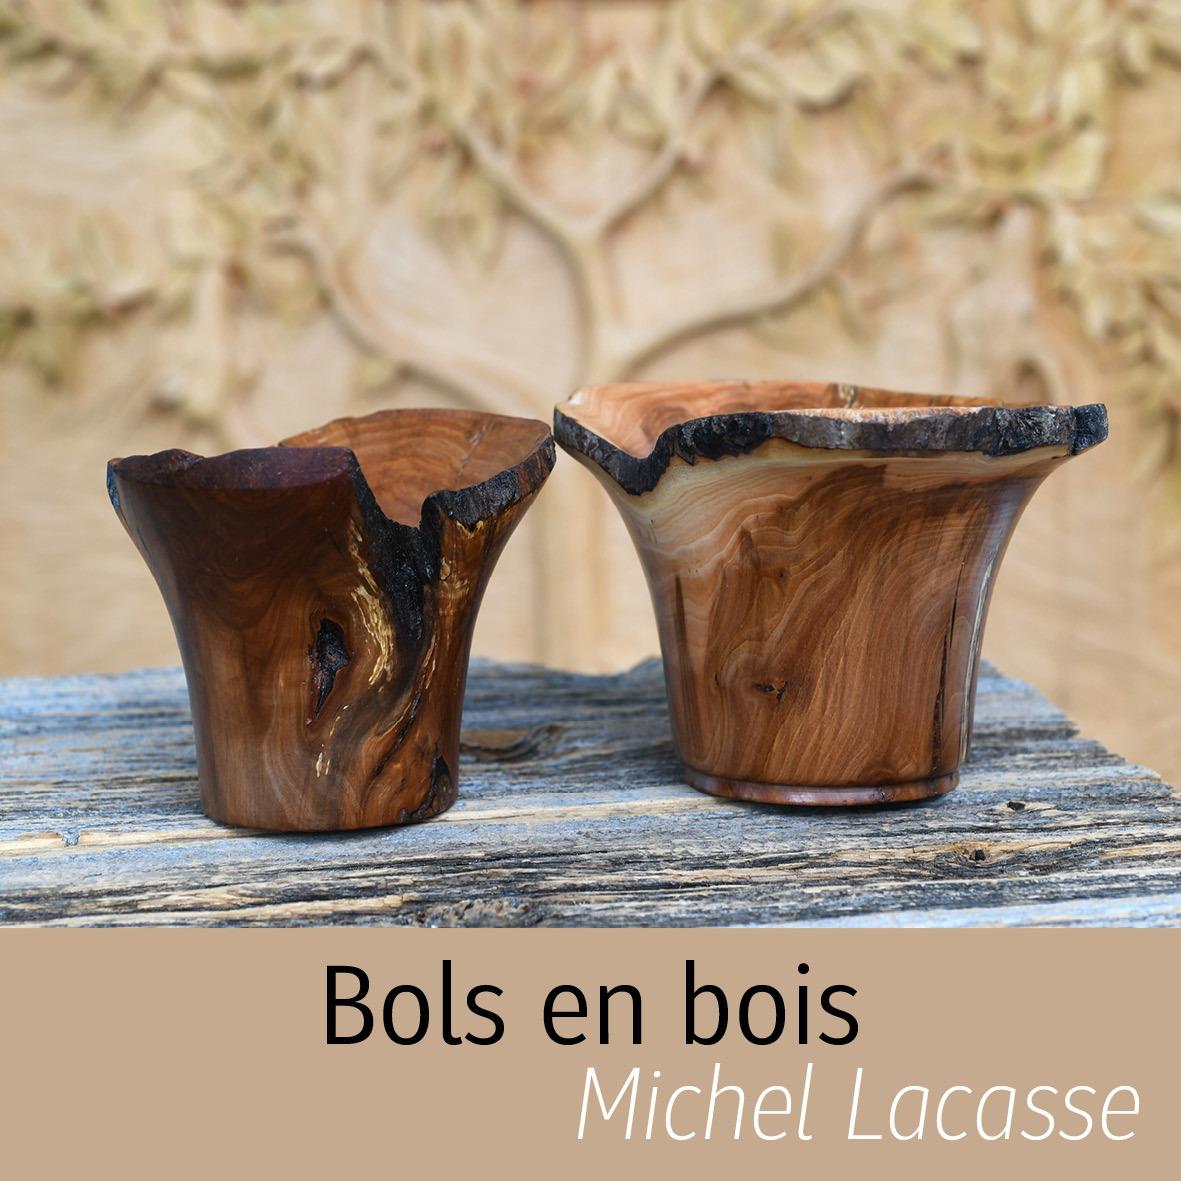 bol en bois Michel Lacasse